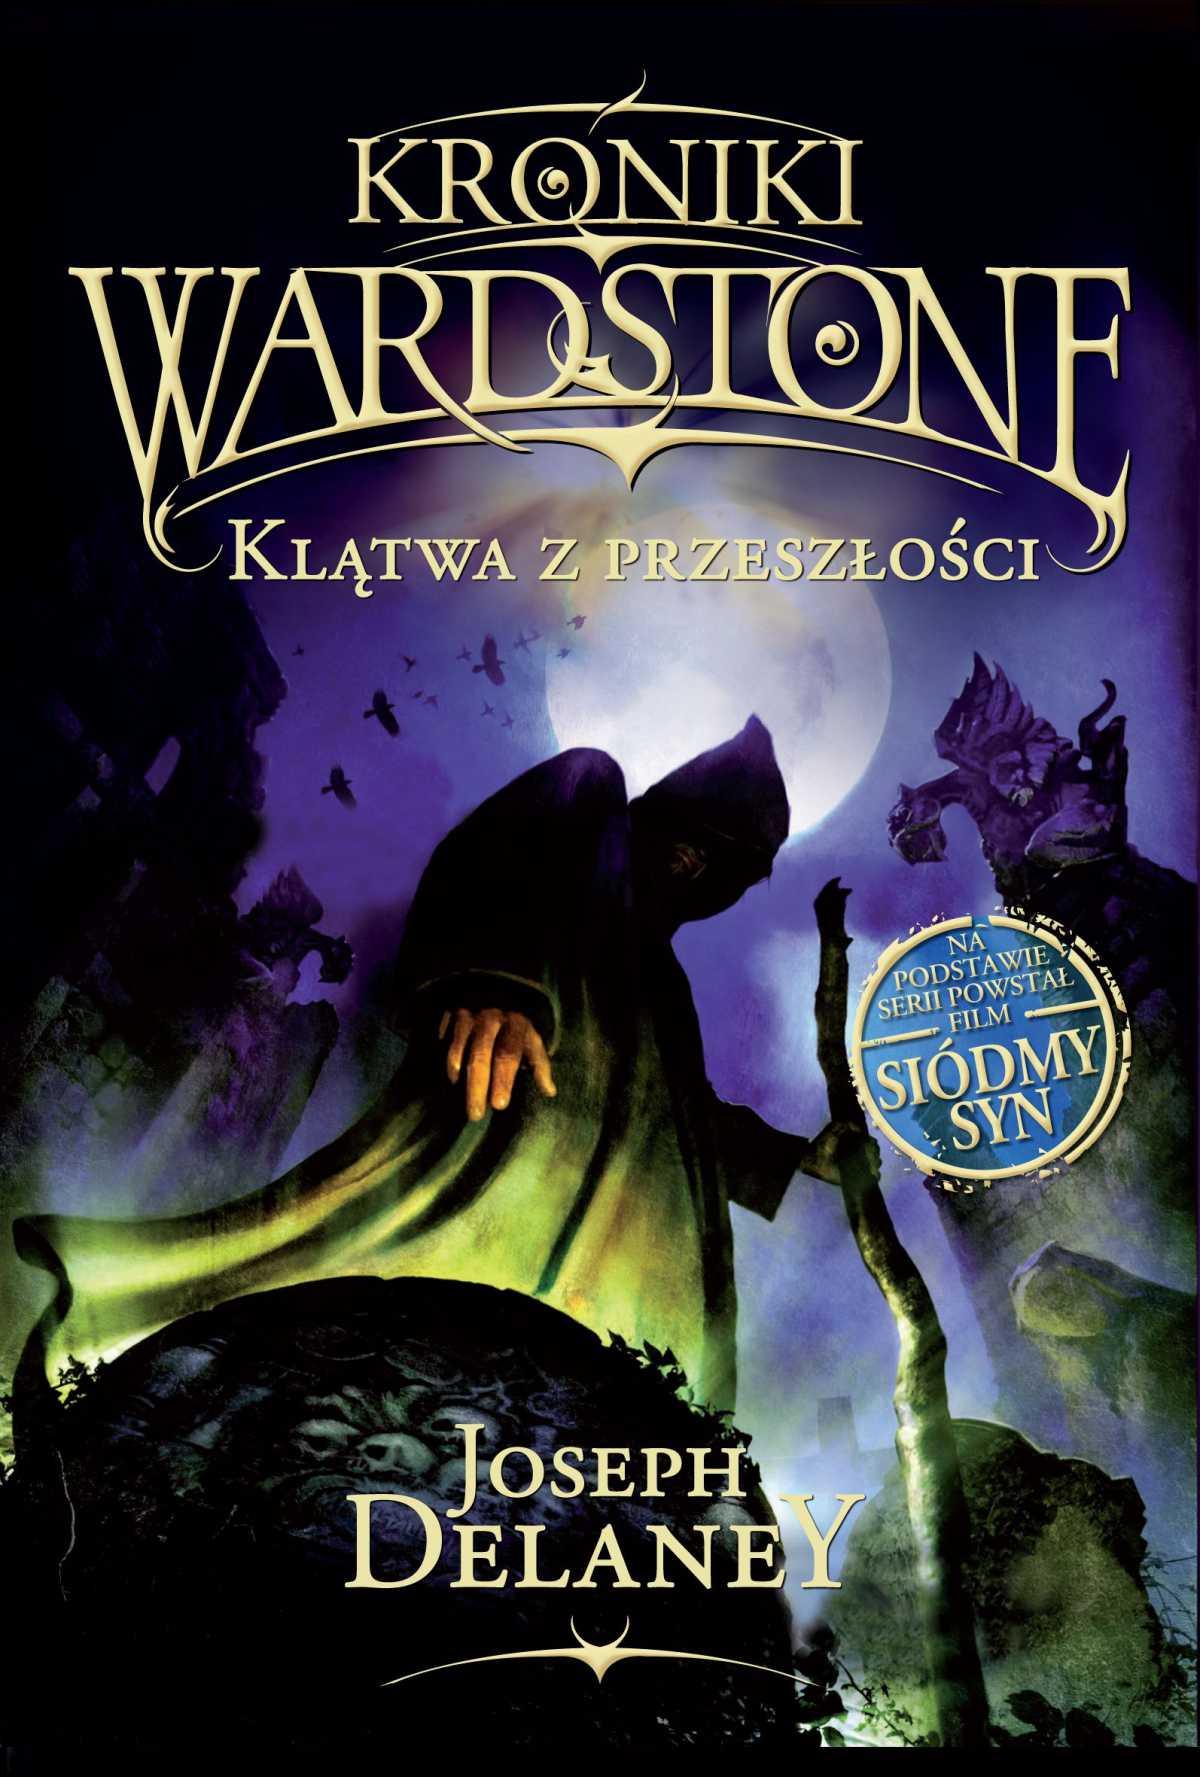 Kroniki Wardstone 2. Klątwa z przeszłości - Ebook (Książka na Kindle) do pobrania w formacie MOBI